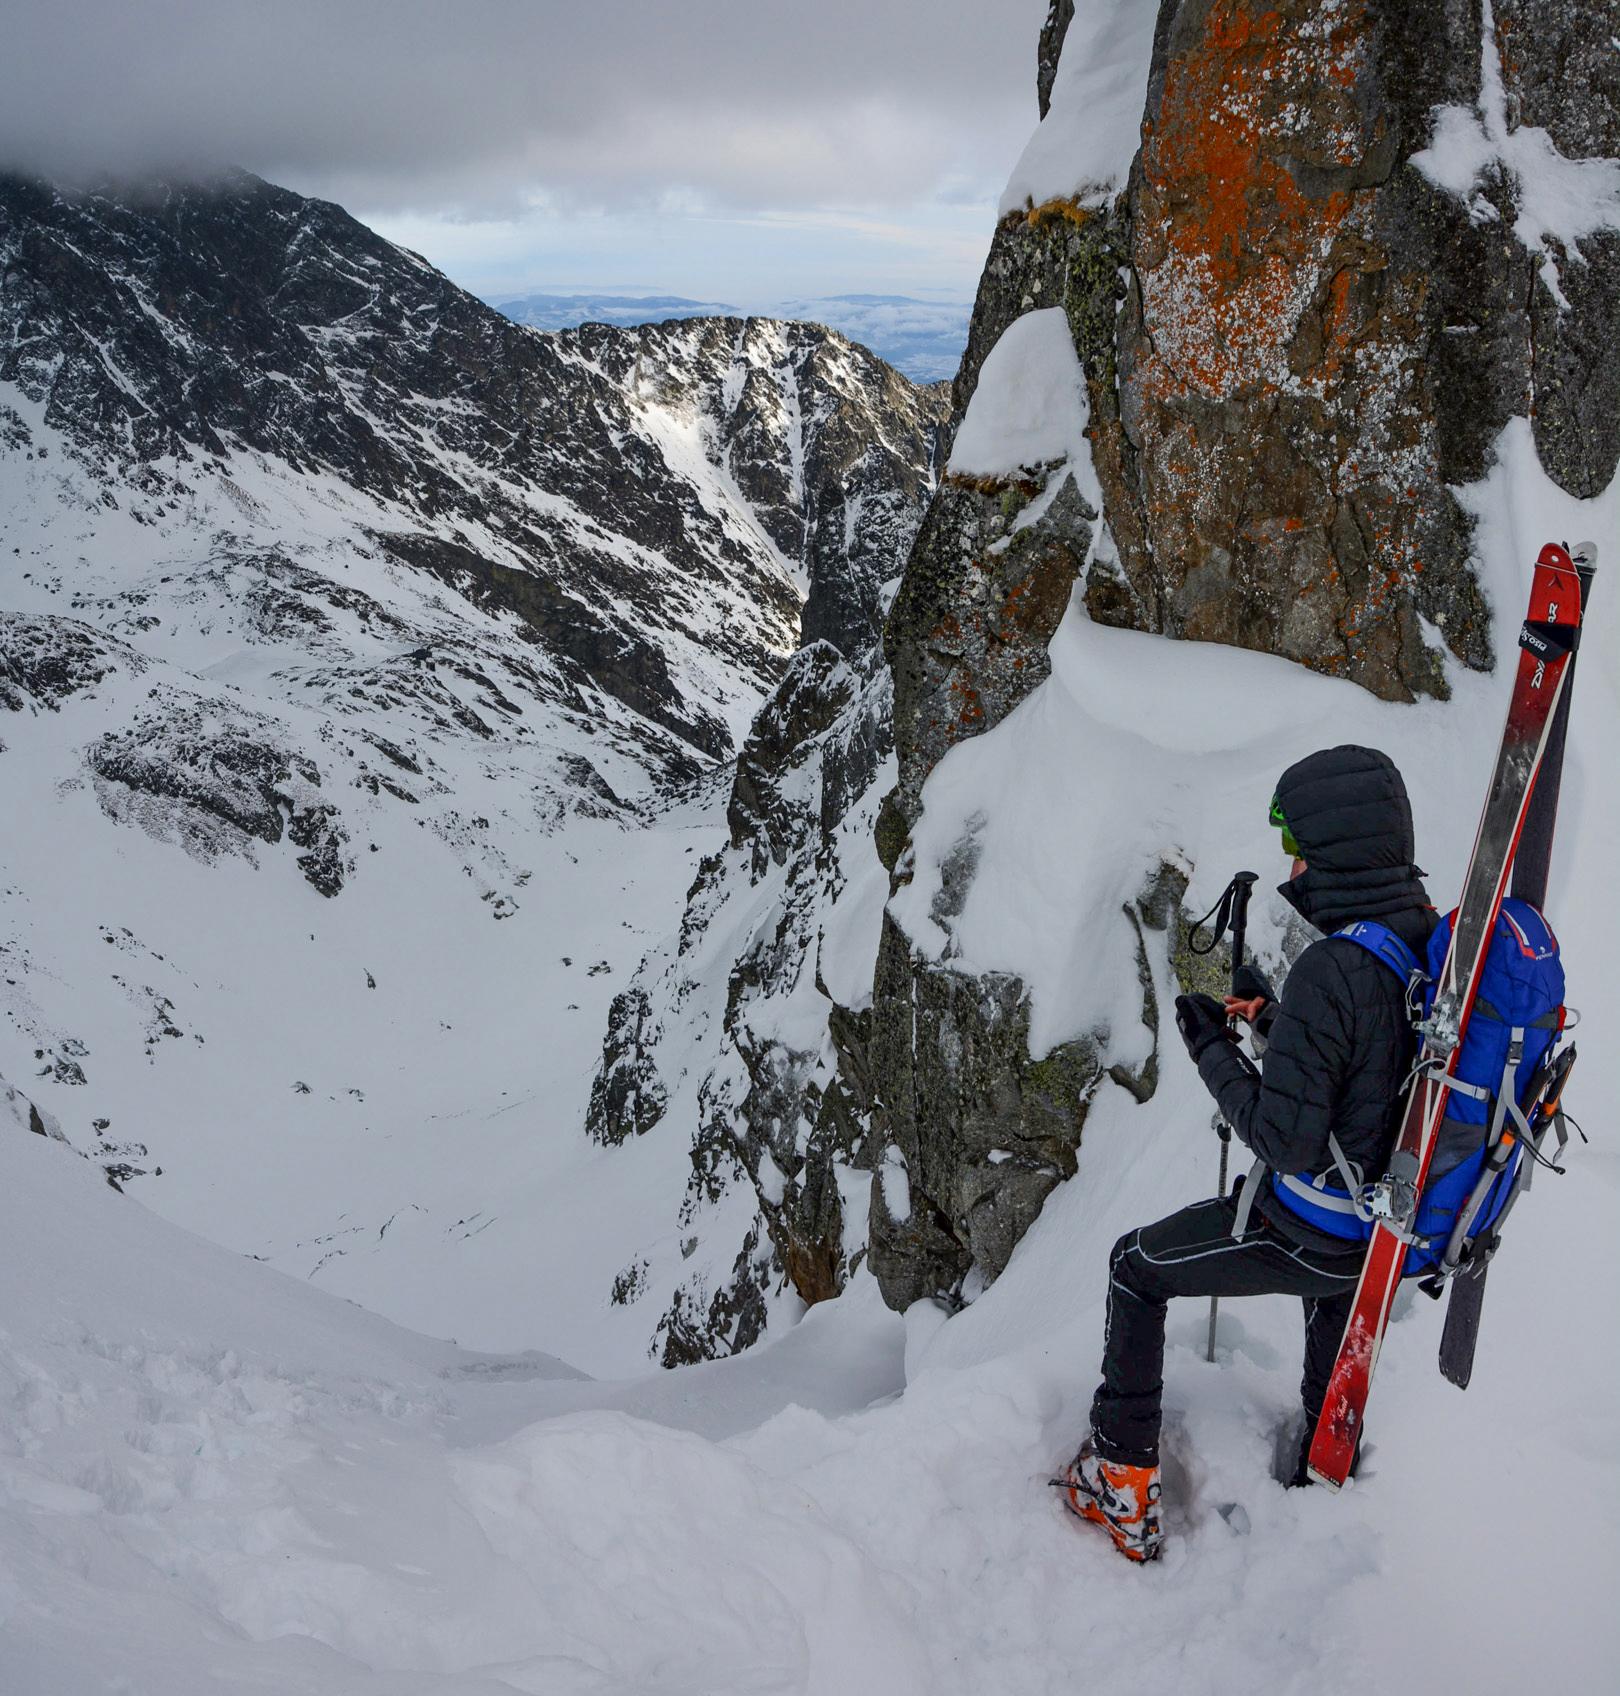 Horolezecký batoh Ferrino Triolet 32+5 vo Vysokých Tatrách na skialpinistickej túre cez Priečne sedlo / recenzia